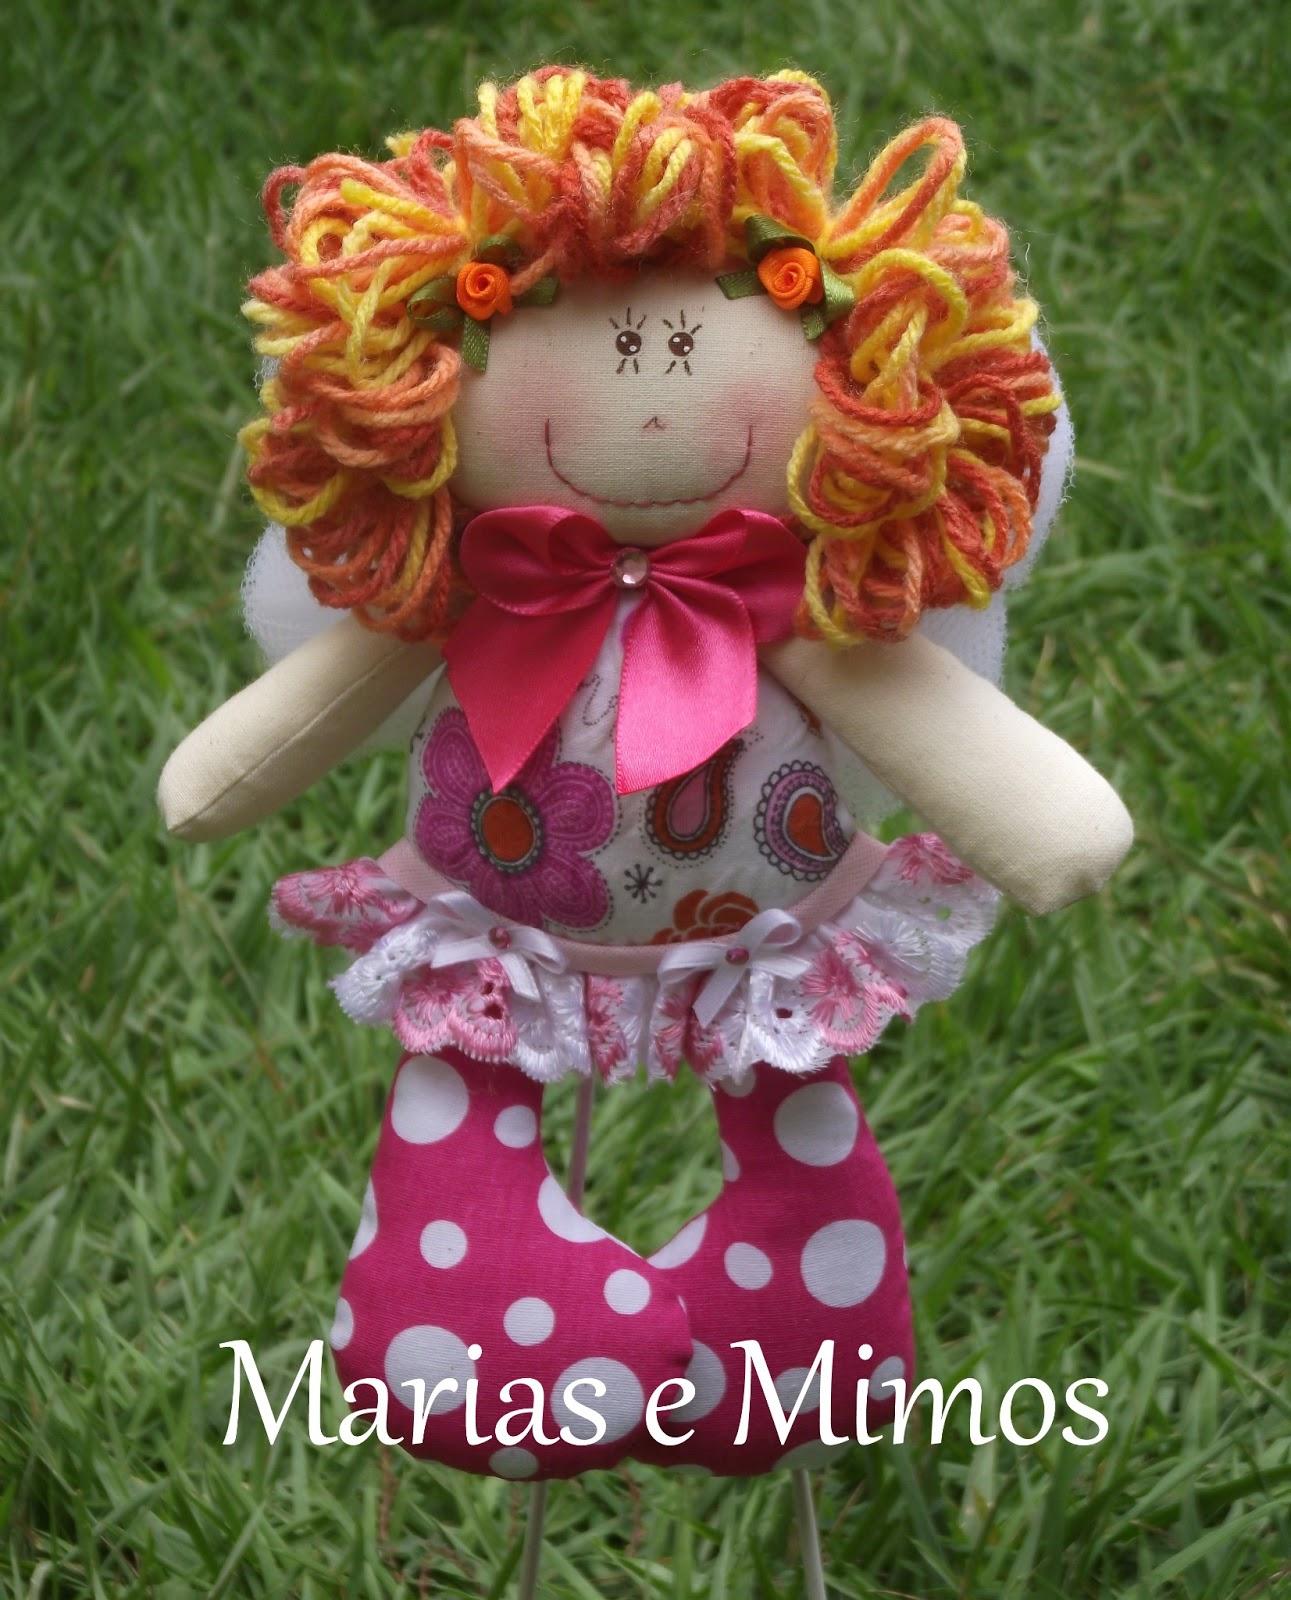 gnomos de jardim venda : gnomos de jardim venda: Encomendas: mariasemimosclientes@gmail.com: Festa Jardim Encantado